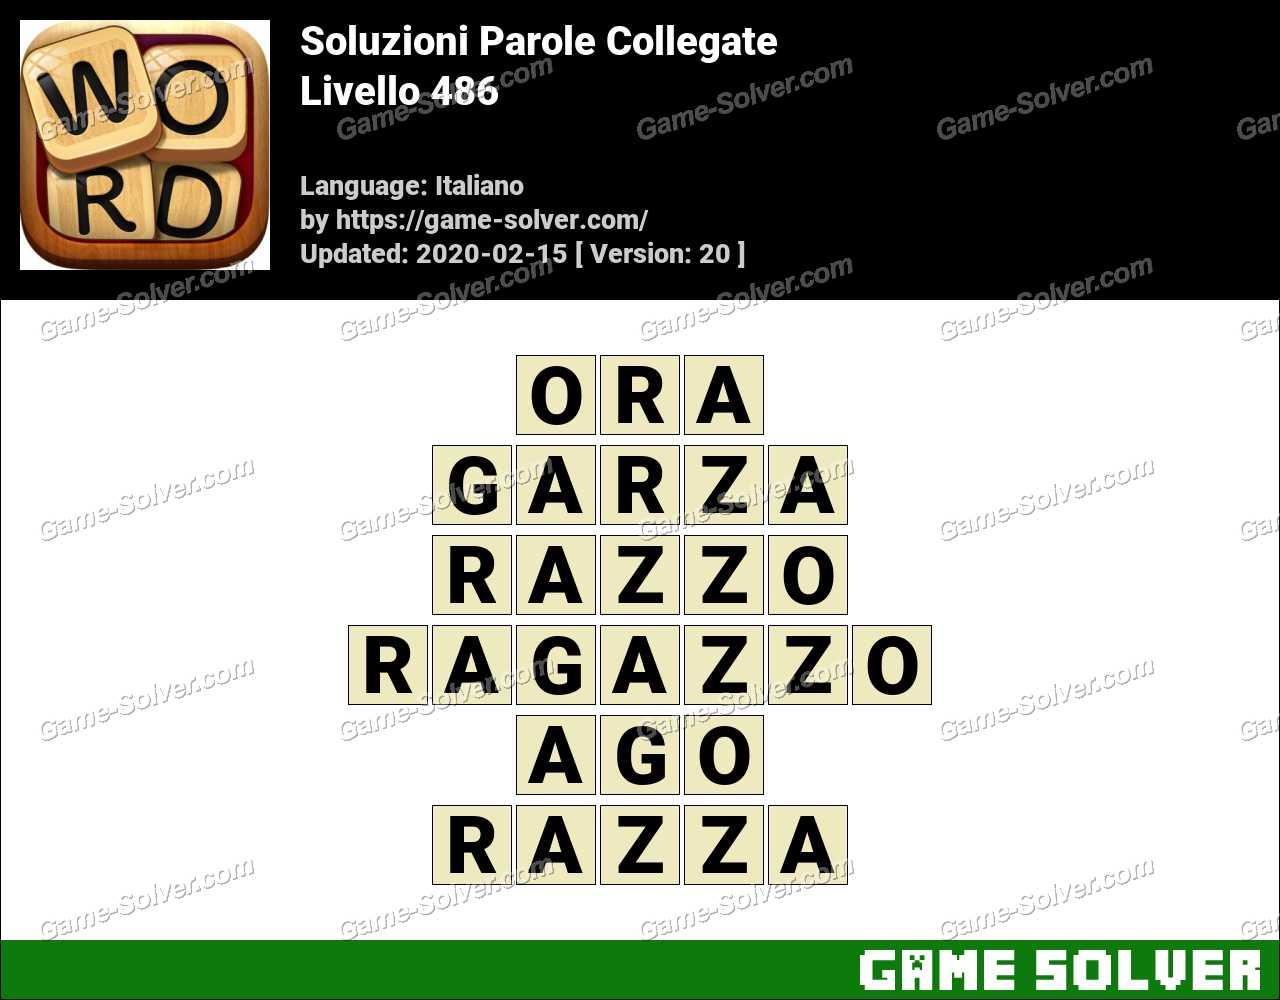 Soluzioni Parole Collegate Livello 486